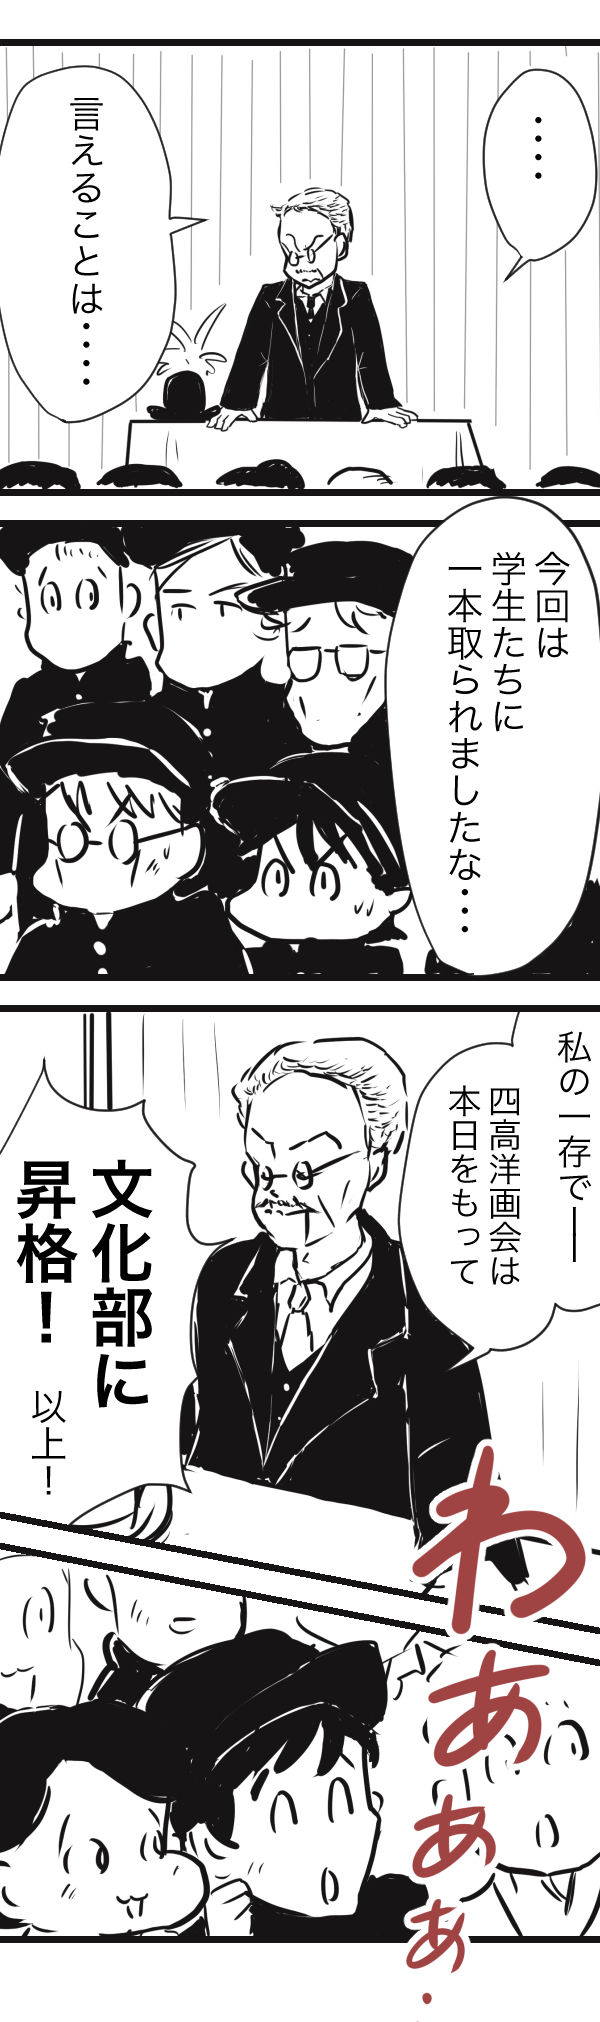 山田 金沢10−4−2